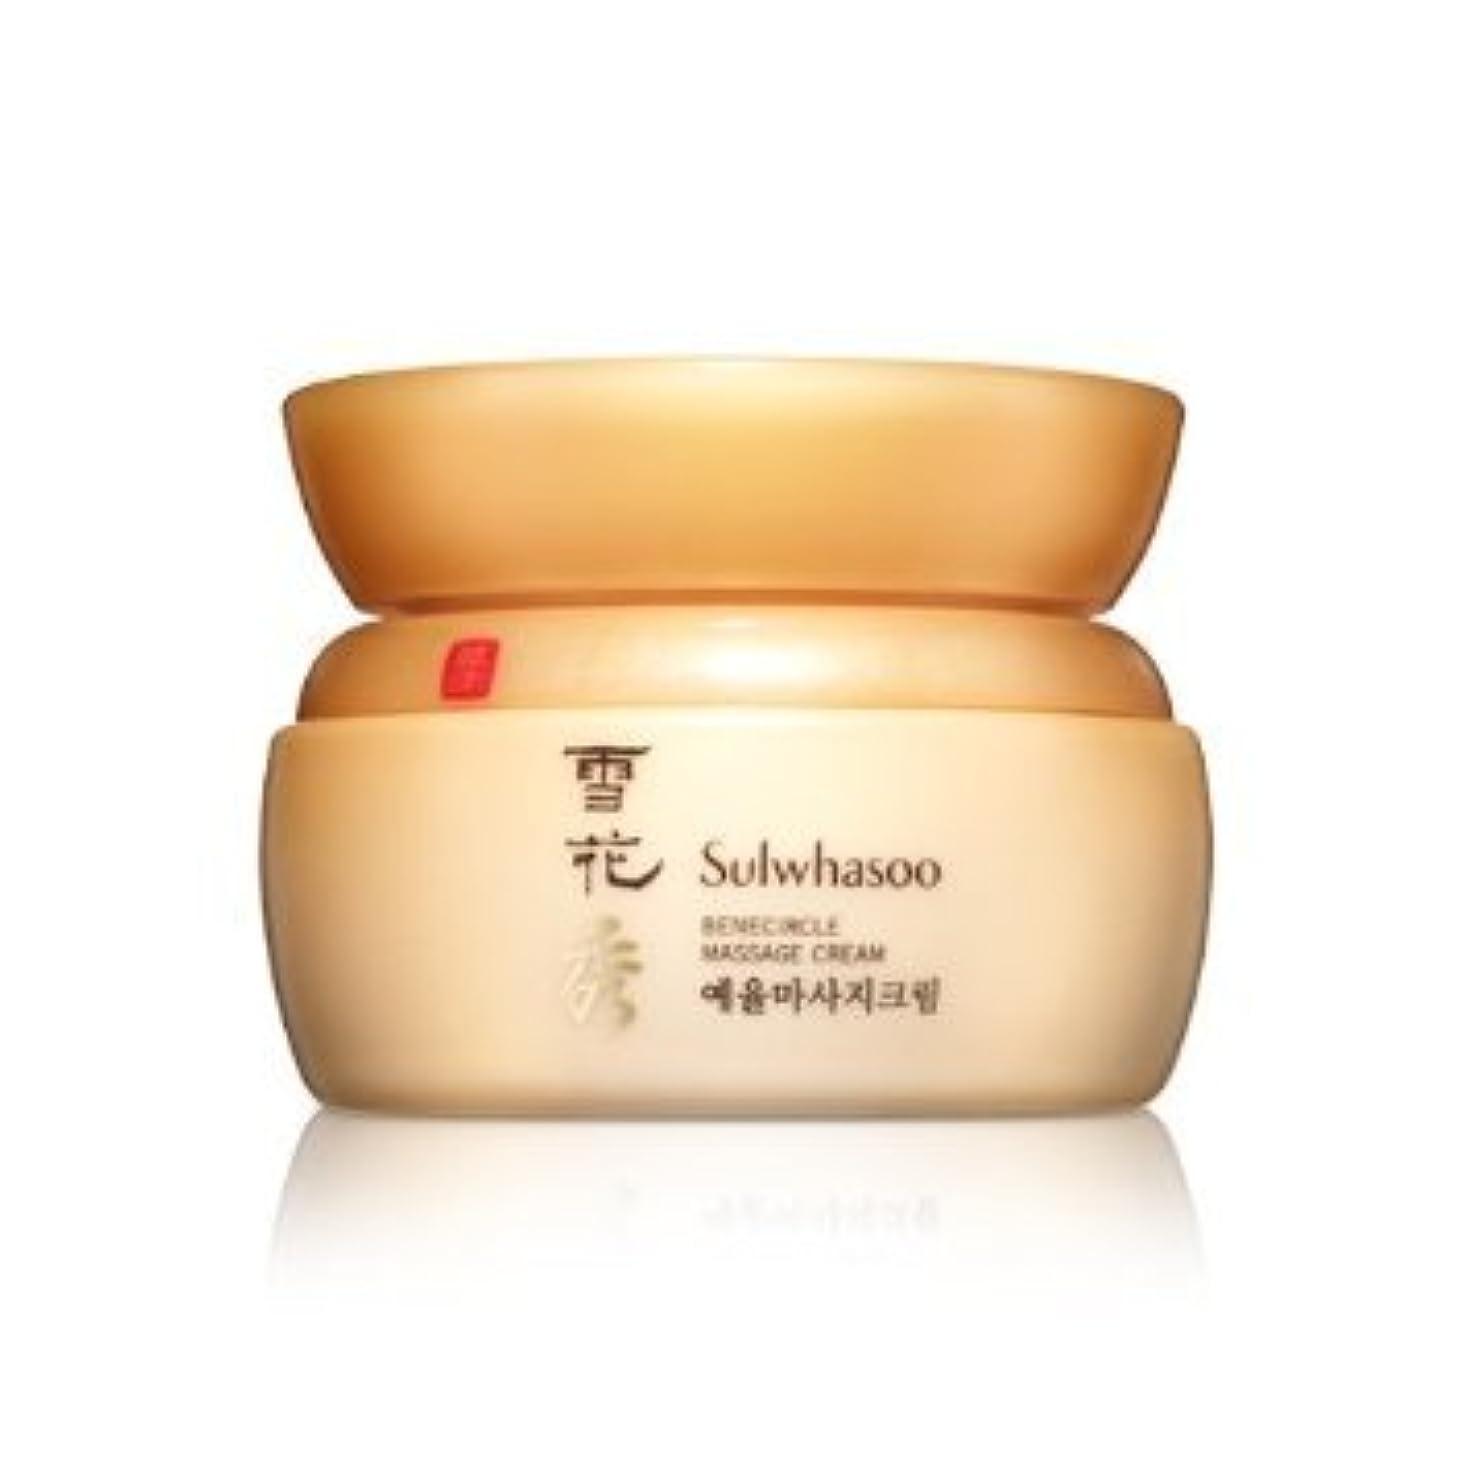 ぶら下がるブローホール夜明けに[Sulwhasoo] Benecircle Massage Cream (Yae Yul Massage Cream) 180ml / FREE Gift Wrap![並行輸入品]